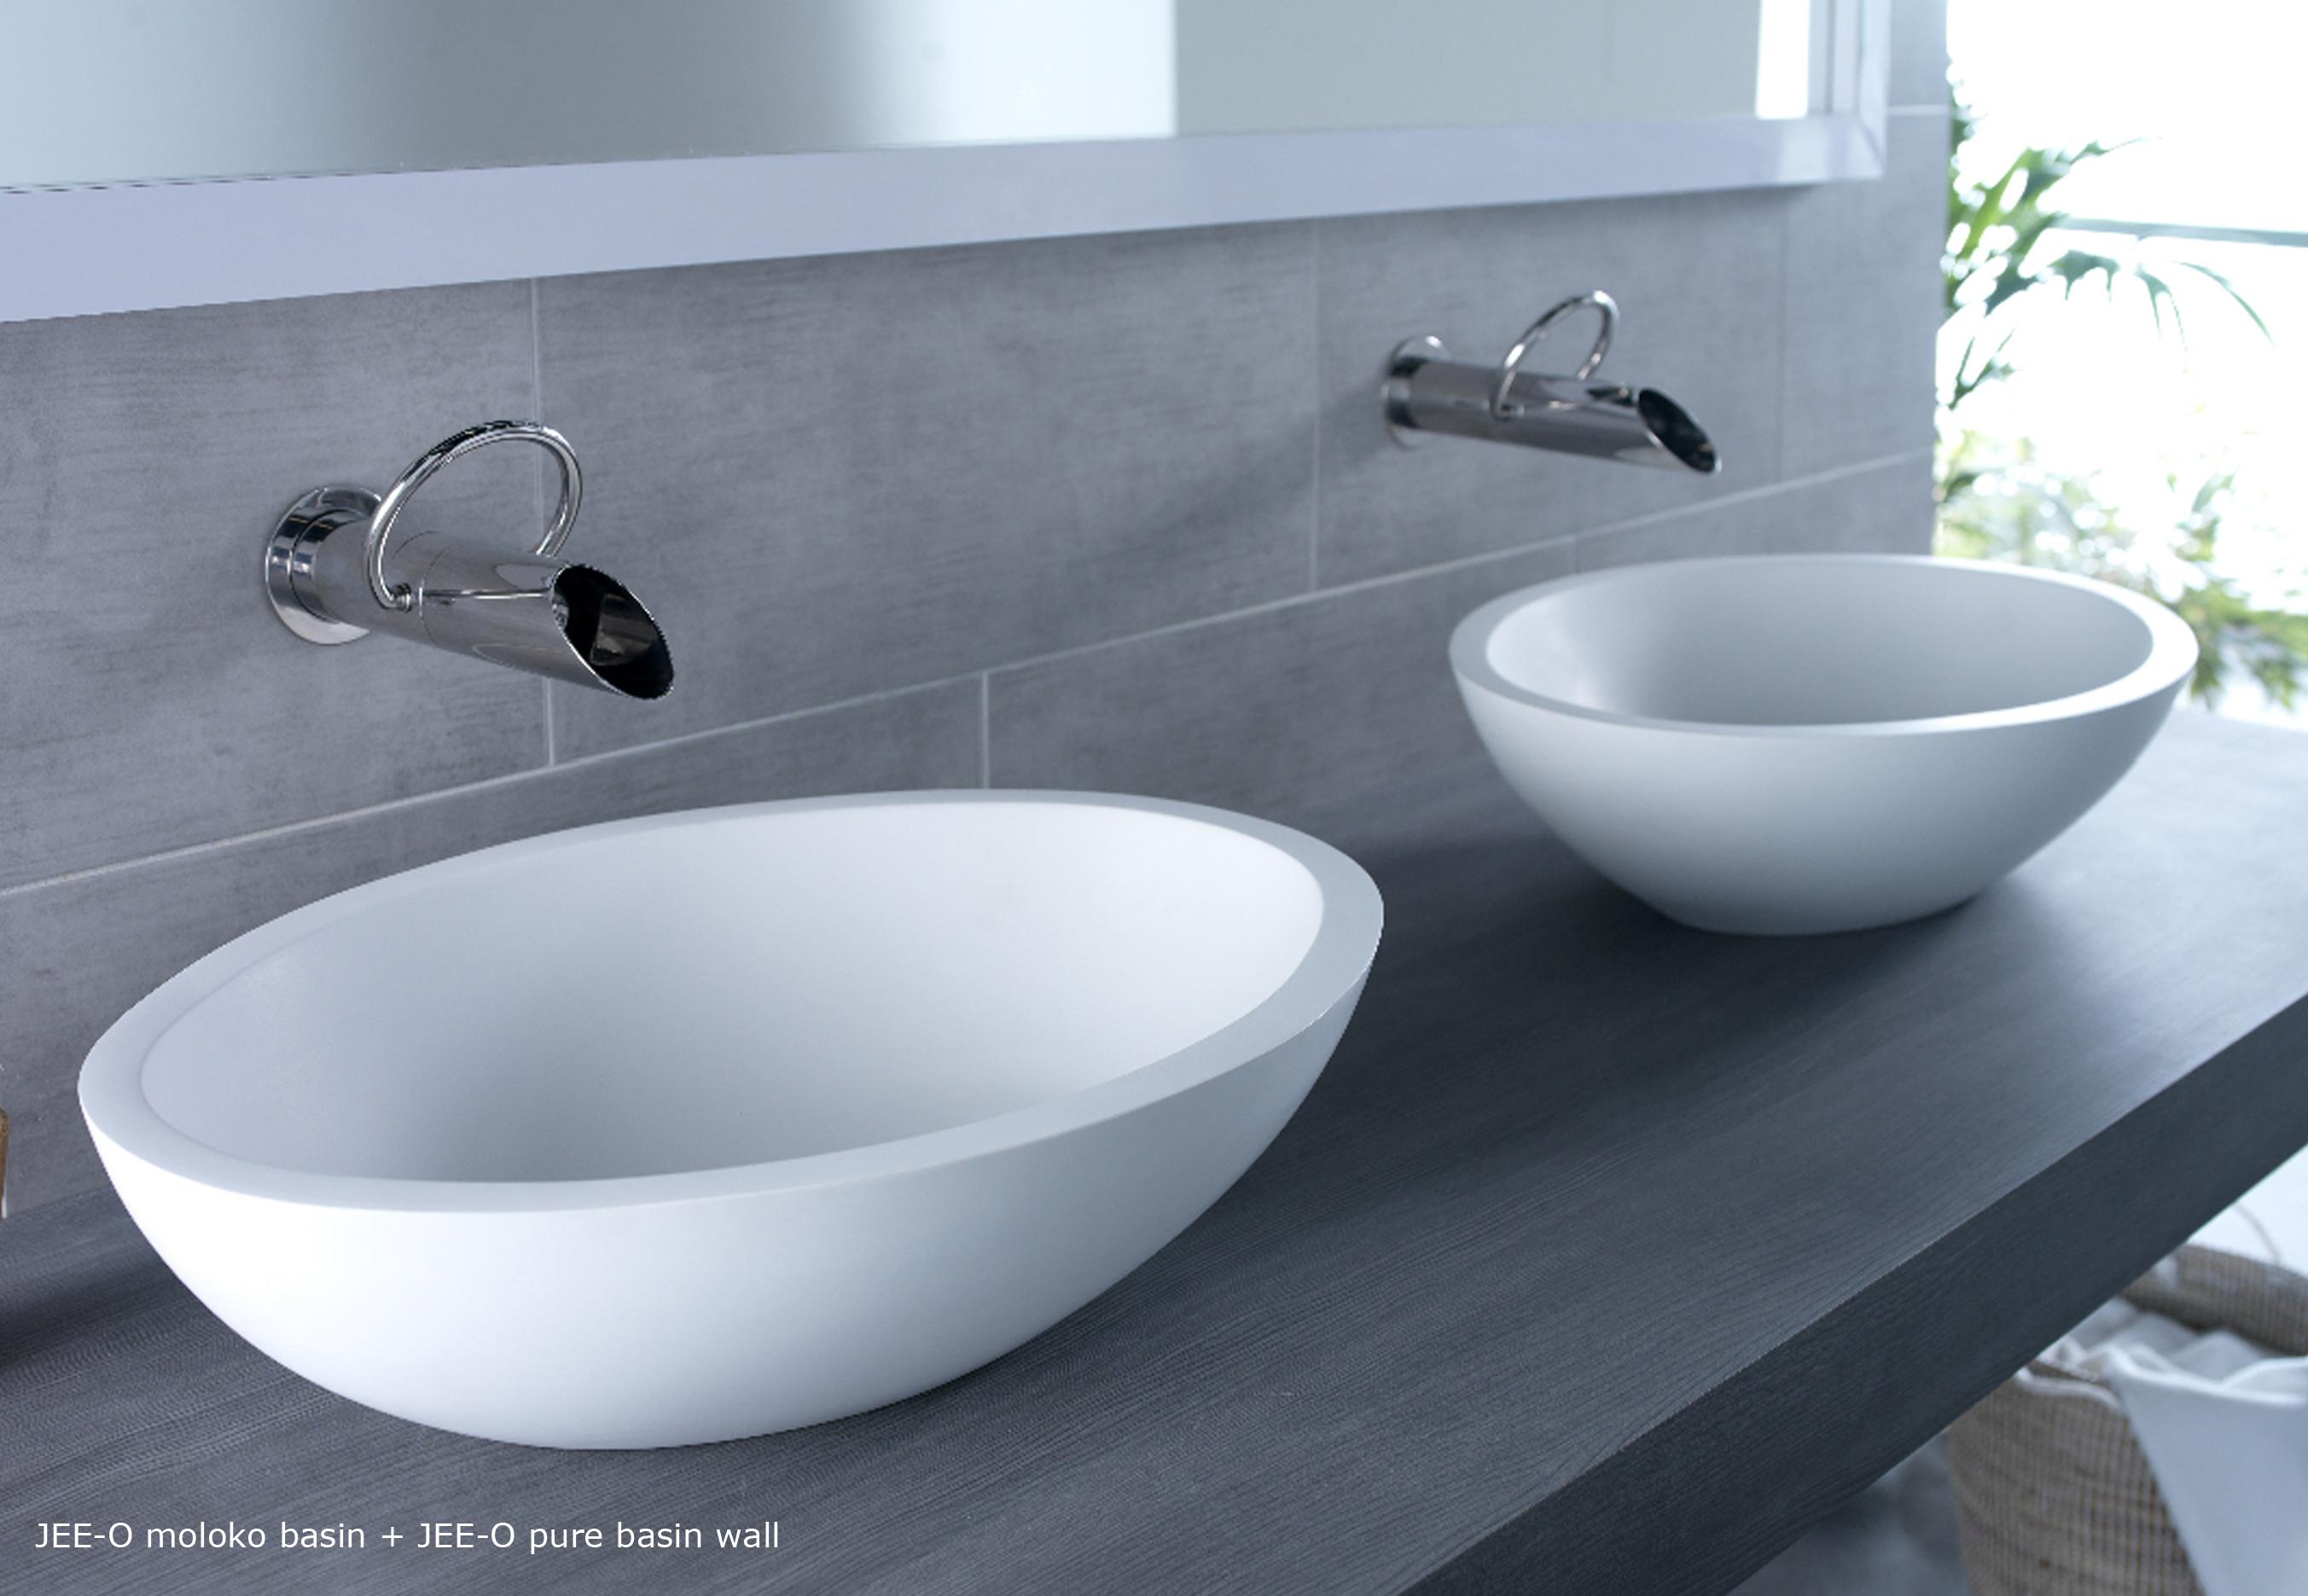 Wastafelideeën voor elke badkamer  Nieuws Startpagina voor badkamer ideeën  # Aparte Wasbak_124715